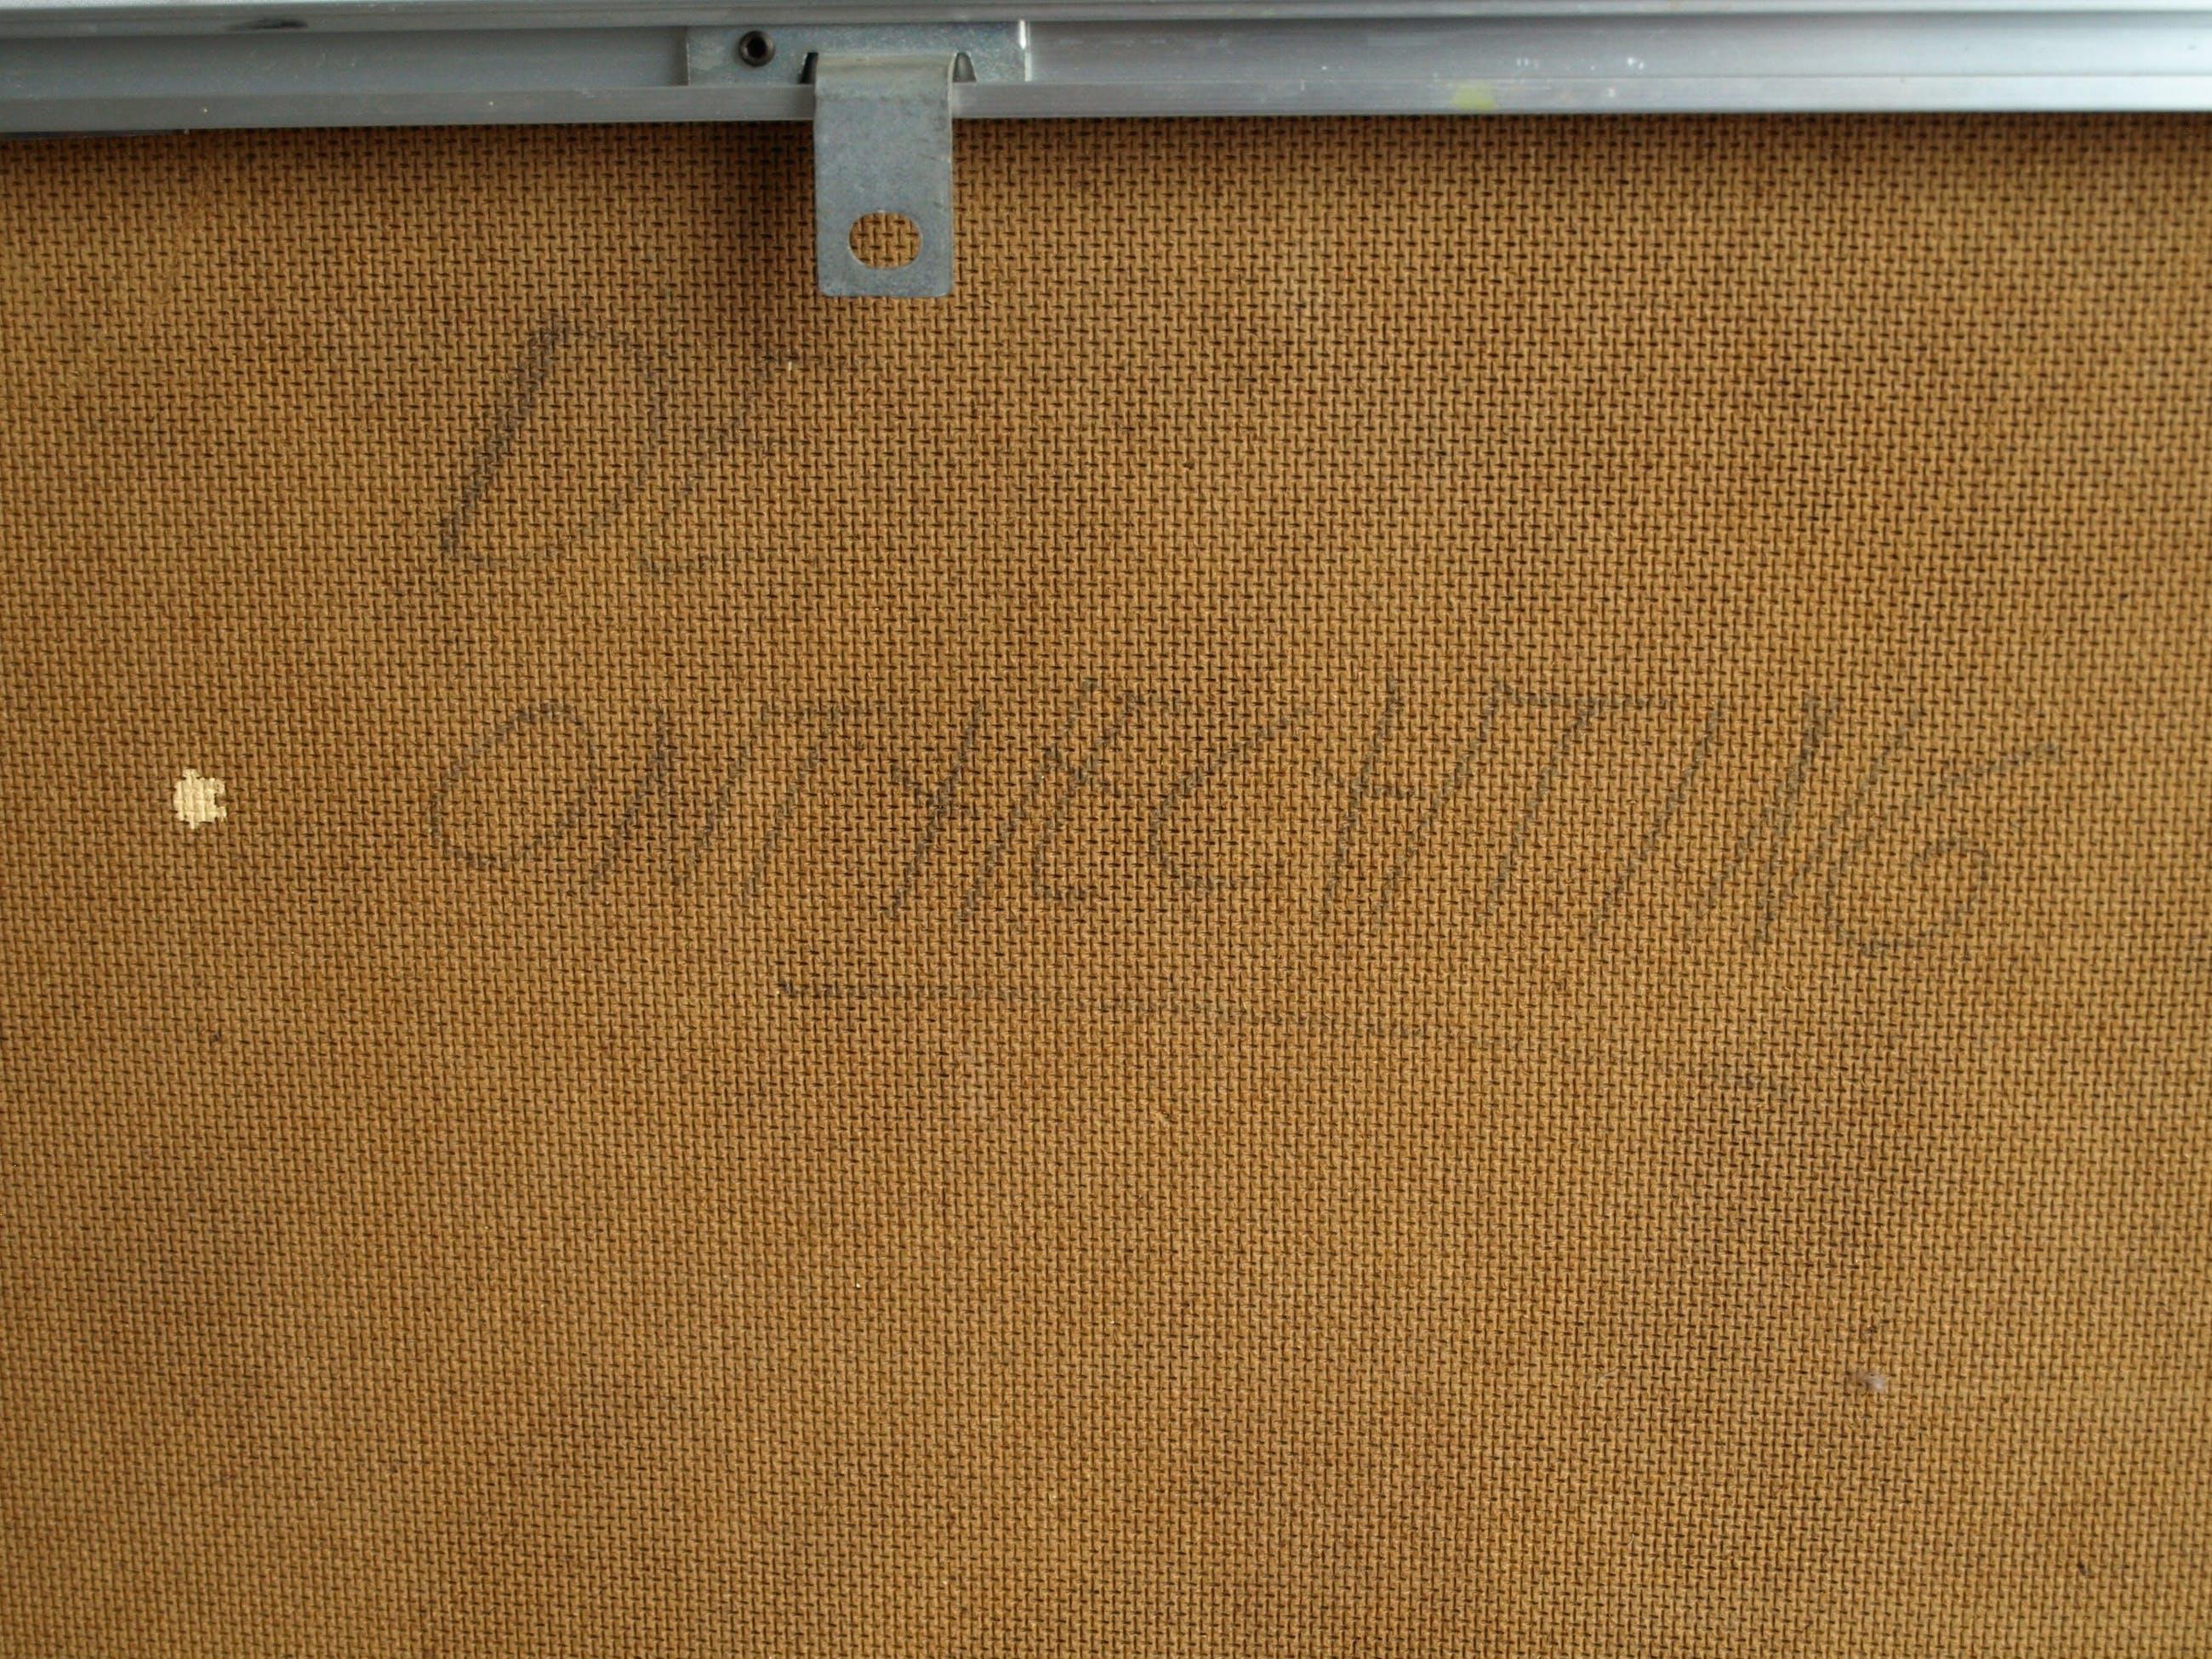 """Niet of onleesbaar gesigneerd - Olieverf op board , """"De onthechting"""" – gesigneerd & ingelijst - 1990 kopen? Bied vanaf 1!"""